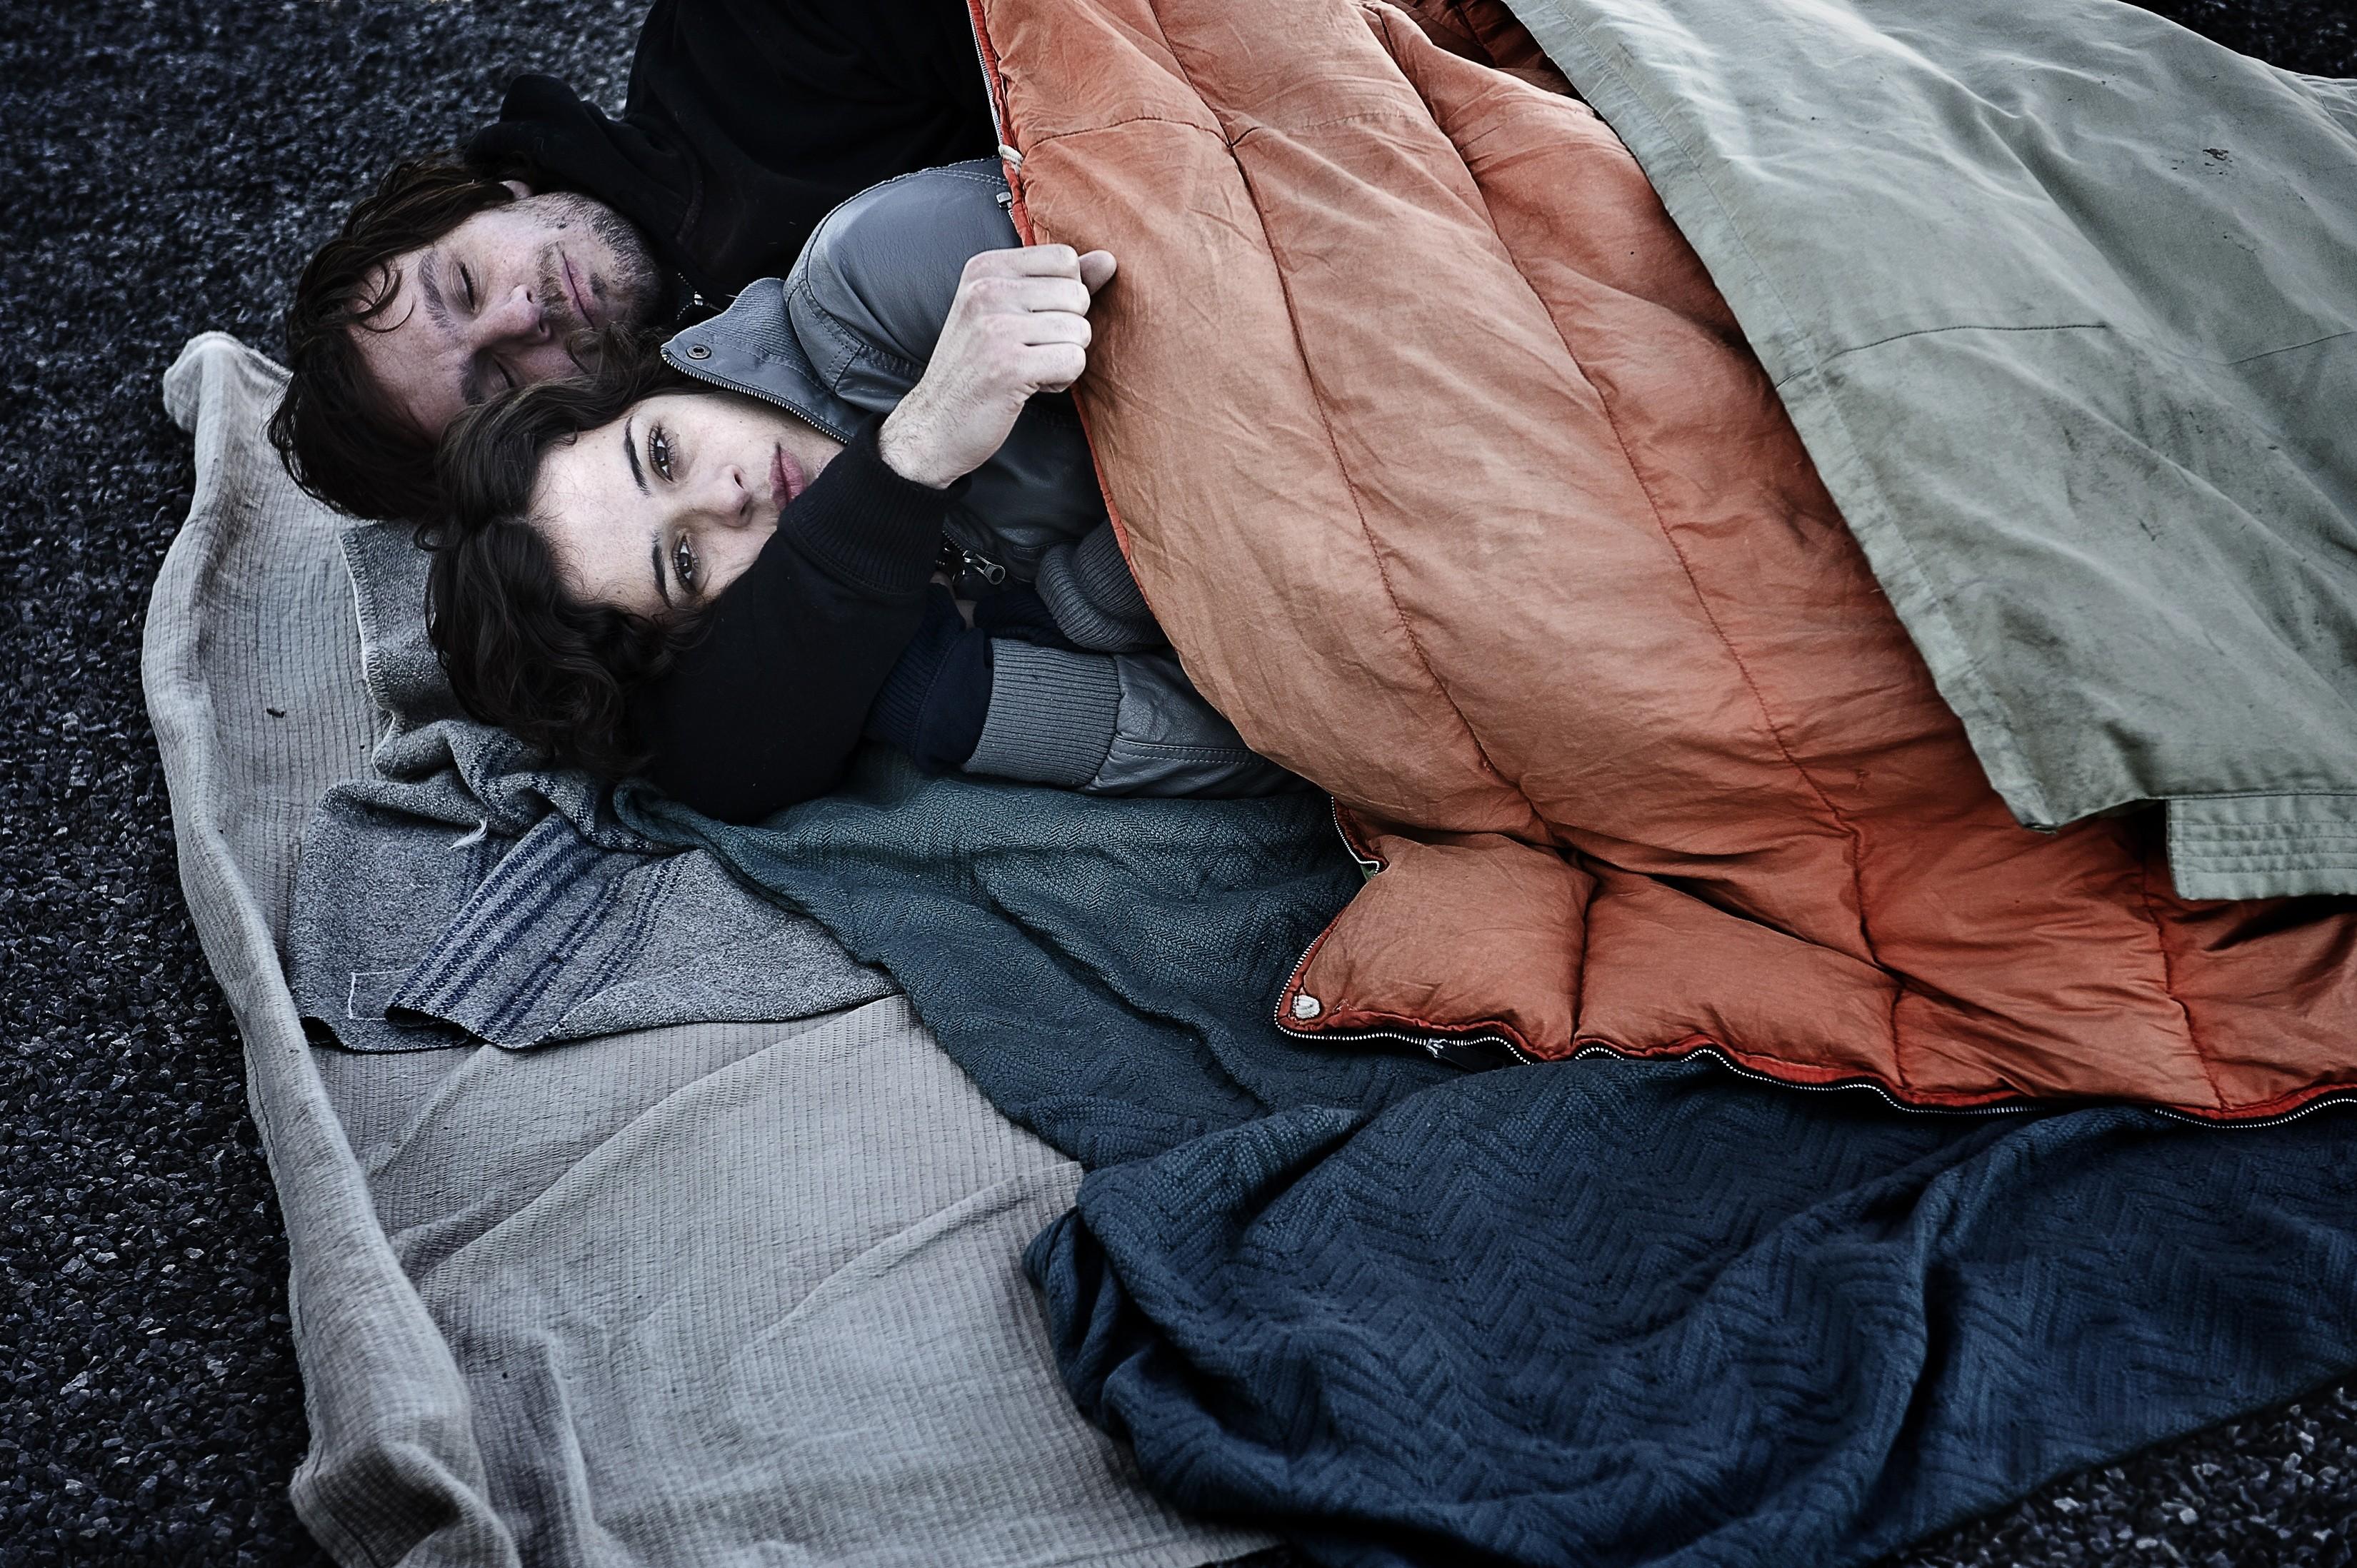 кадры из фильма Их первая ночь Димитри Сторож, Катерин де Леан,